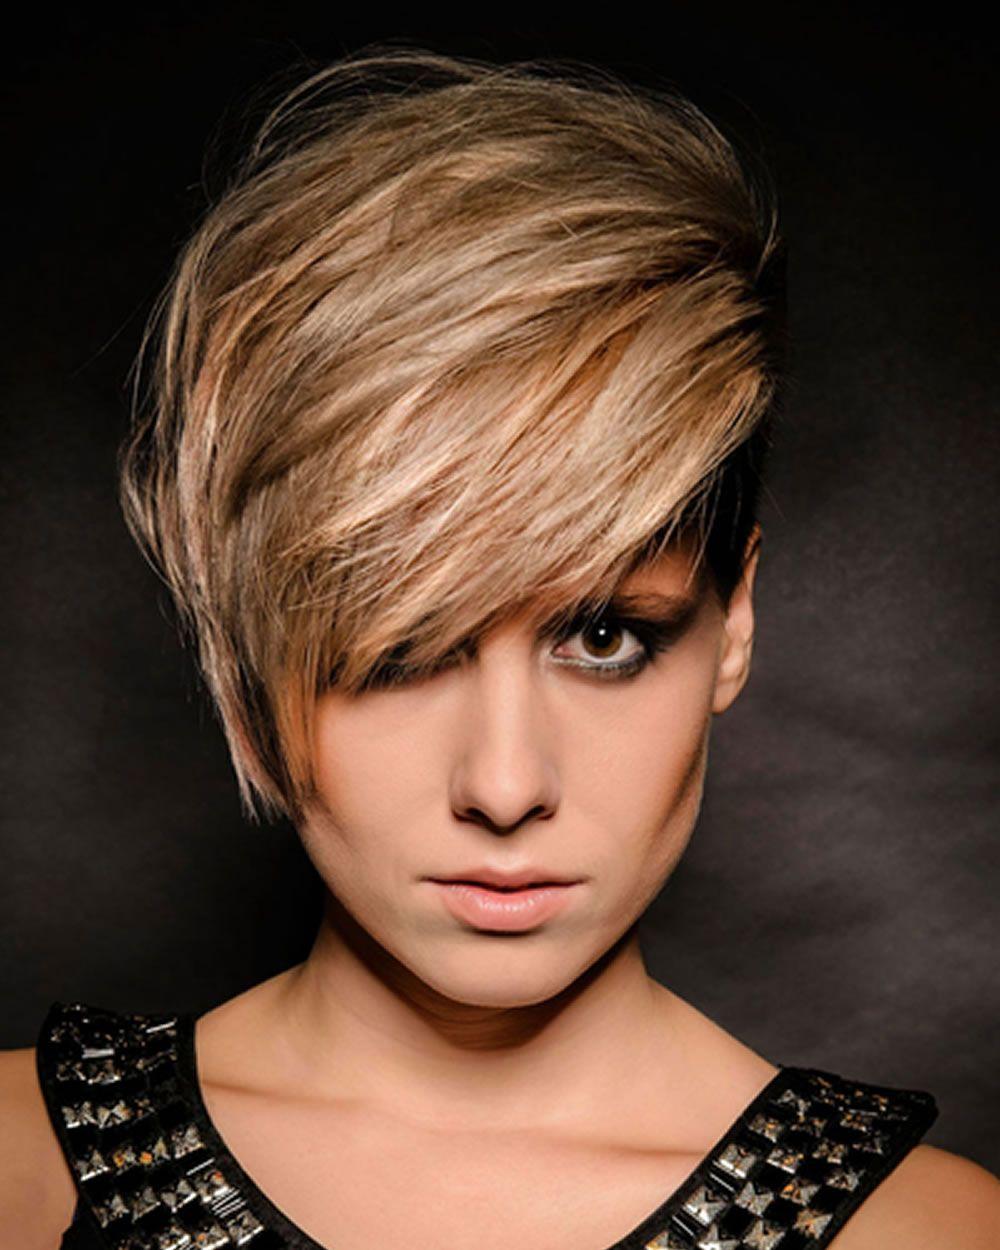 Frisuren Fur Dicke Haare Mit Naturwelle Mittellange Haare